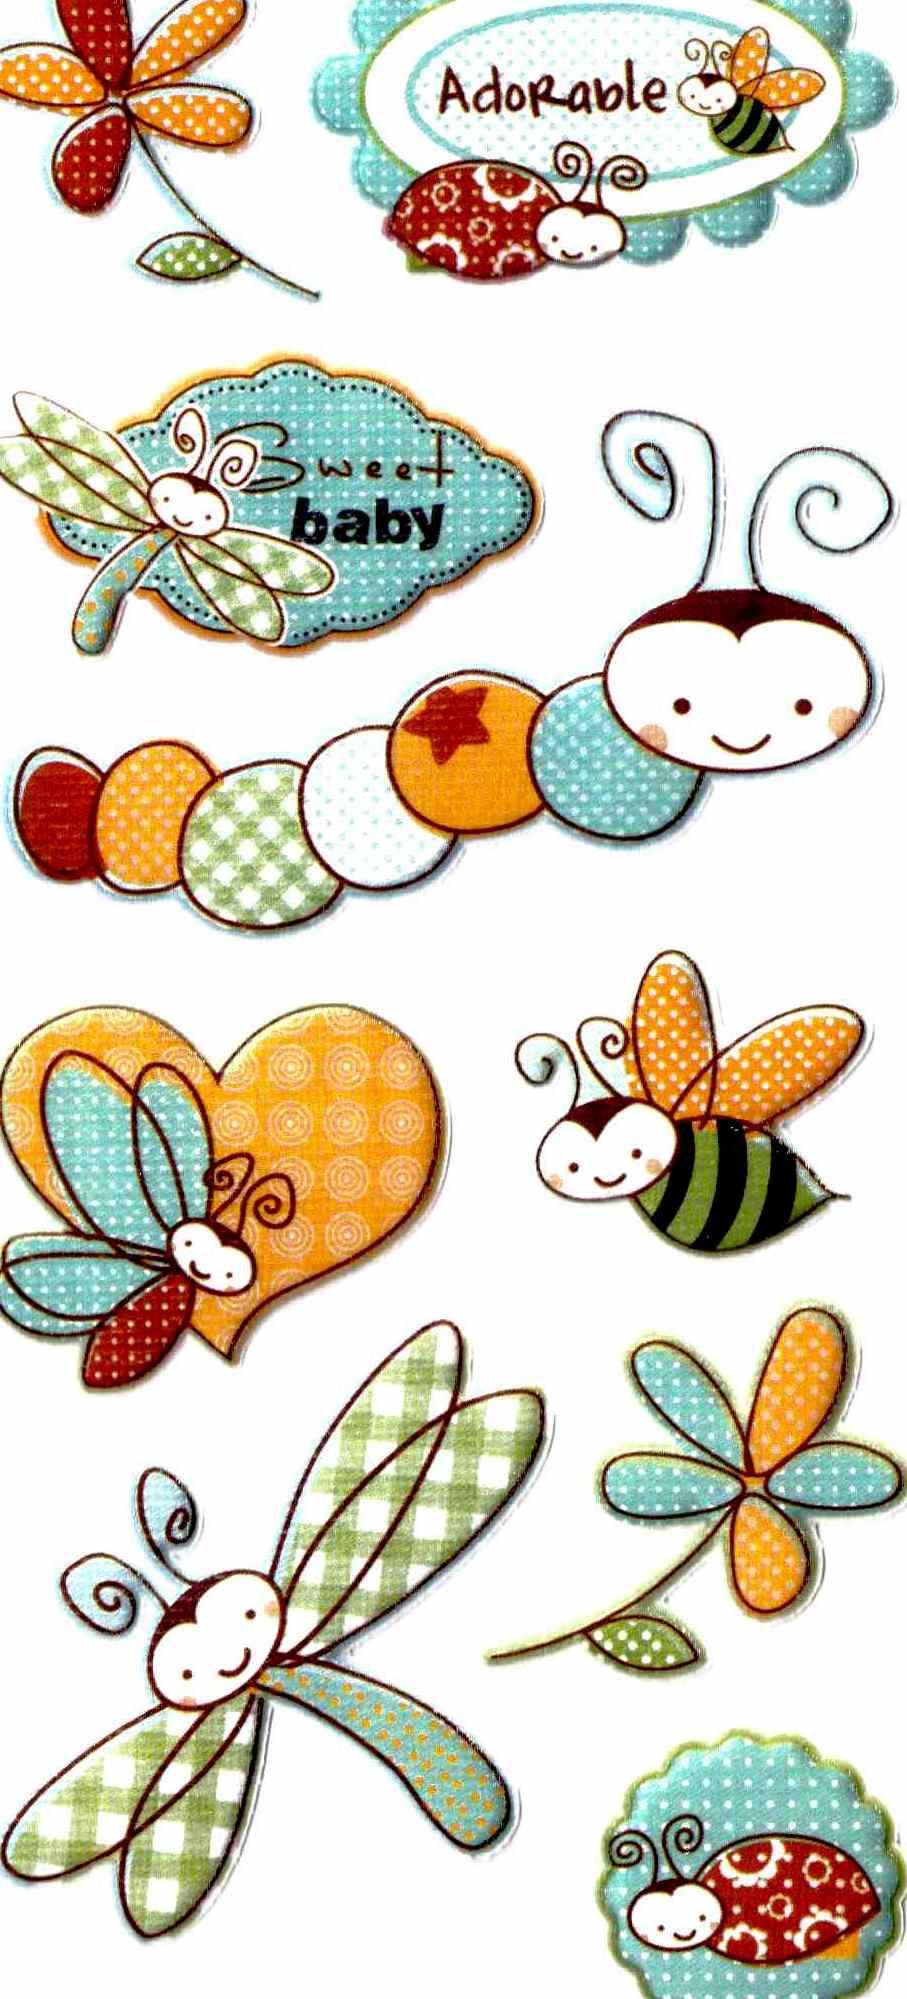 stickers scrapbooking naissance : Stickers, autocollants par dedes